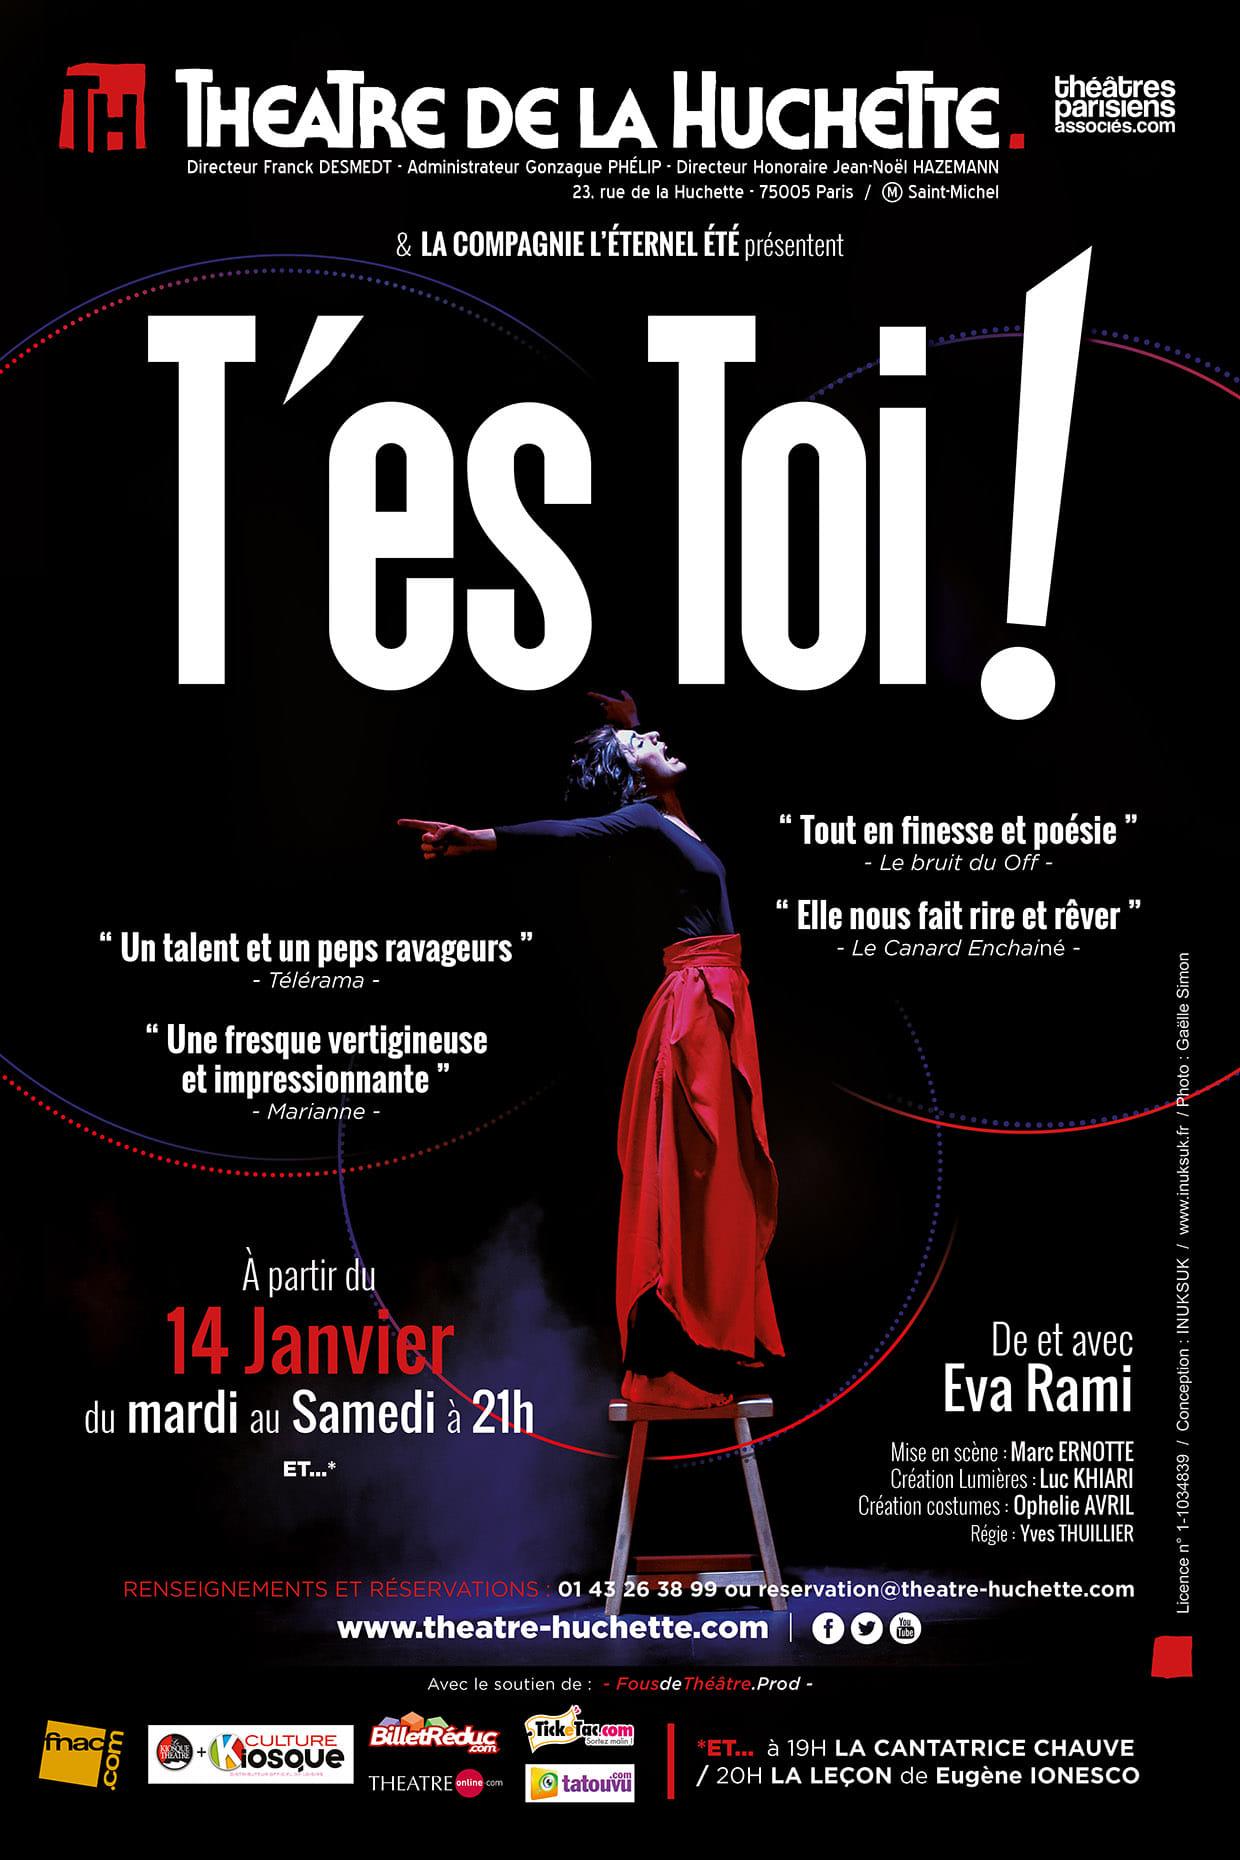 Eva Rami THéâtre de la Huchette